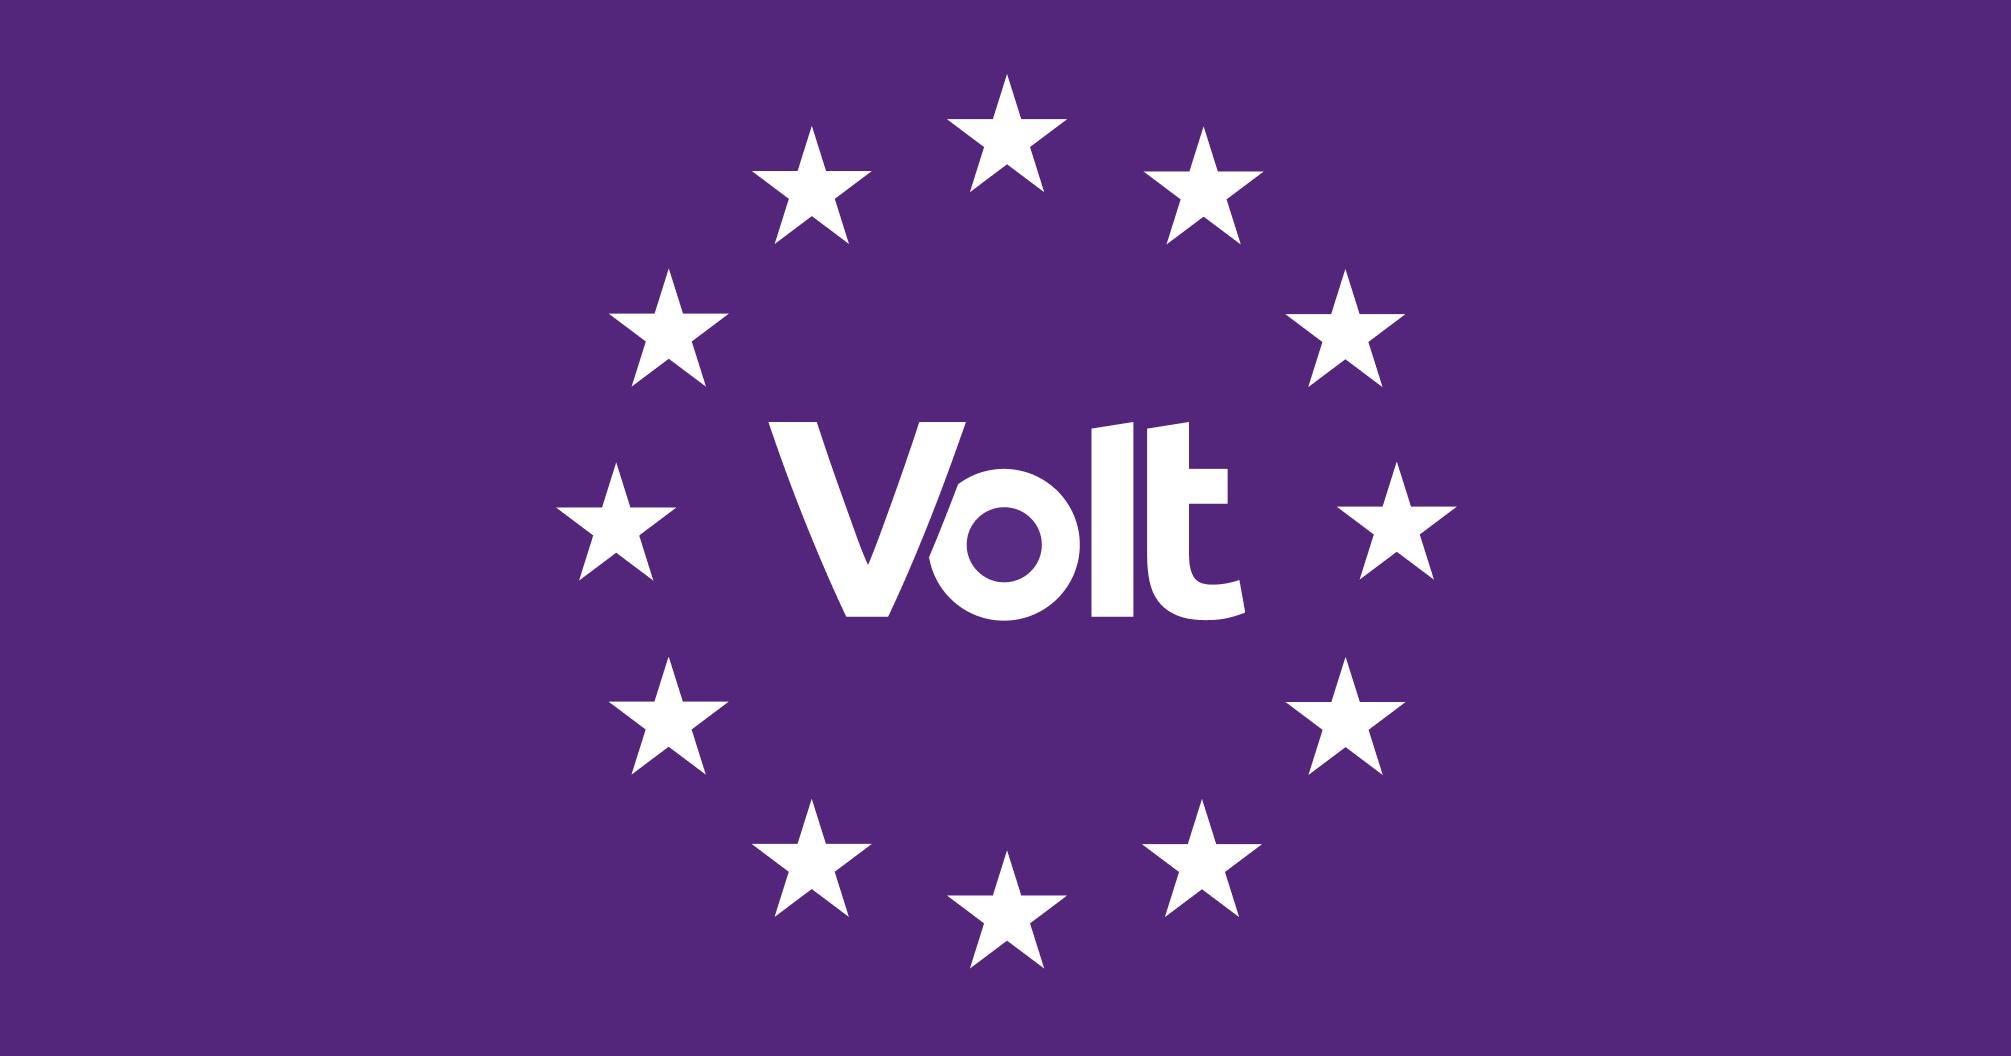 Un nou partid pe scena politică românescă. Ce este Volt și cum se definește